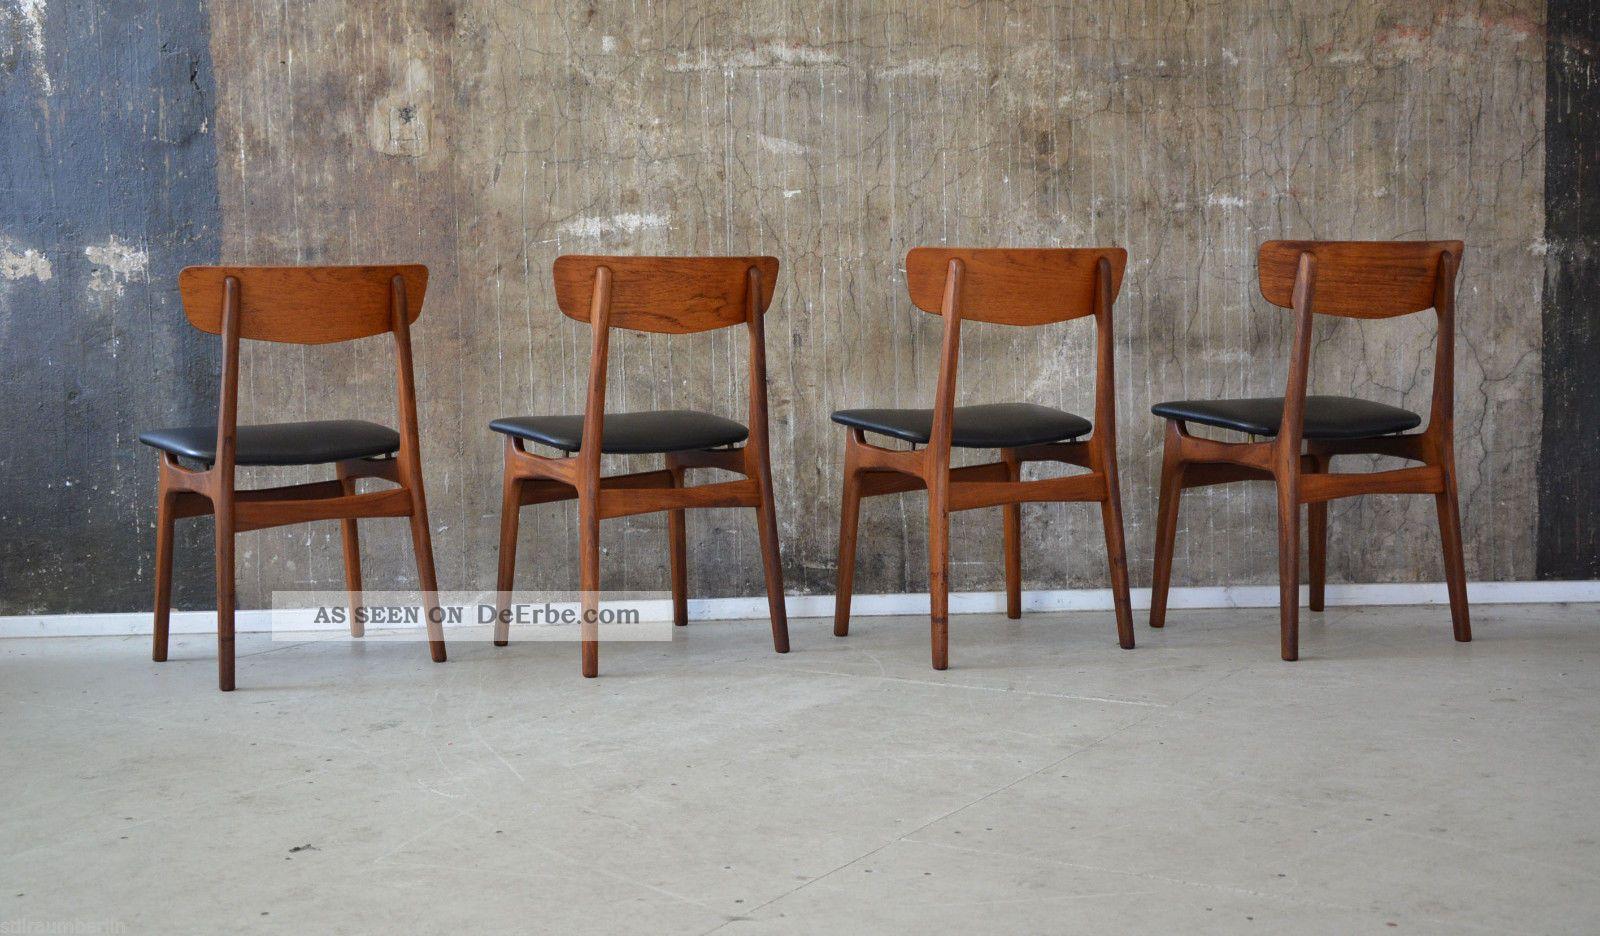 4 x 60er teak st hle esszimmerst hle danish design 60s for Stuhl design epochen